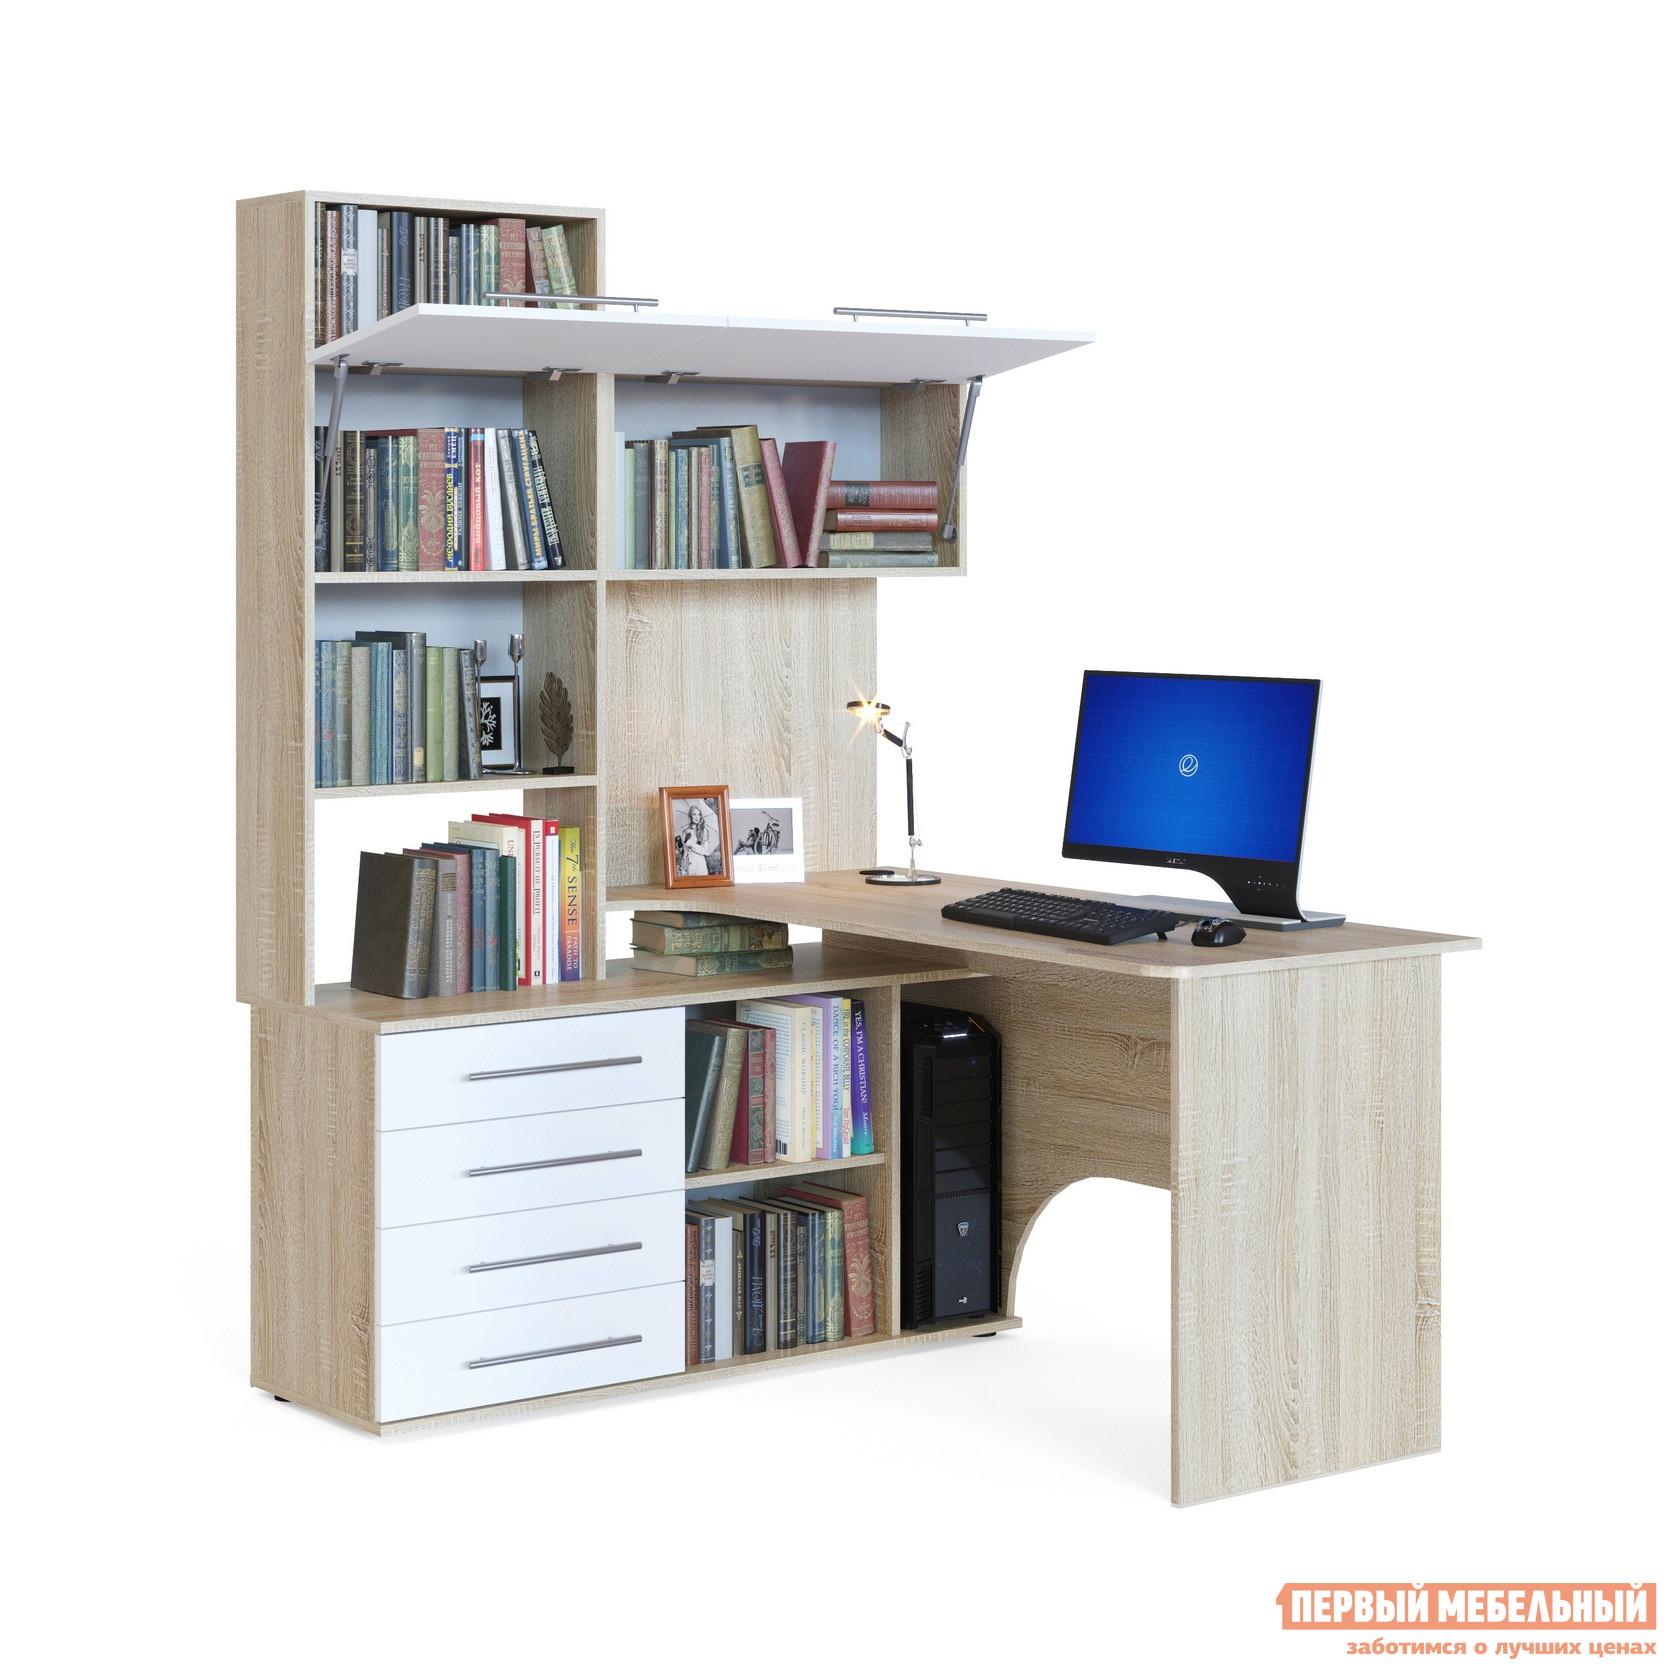 Купить угловой компьютерный стол кст-14 с надстройкой и шкаф.